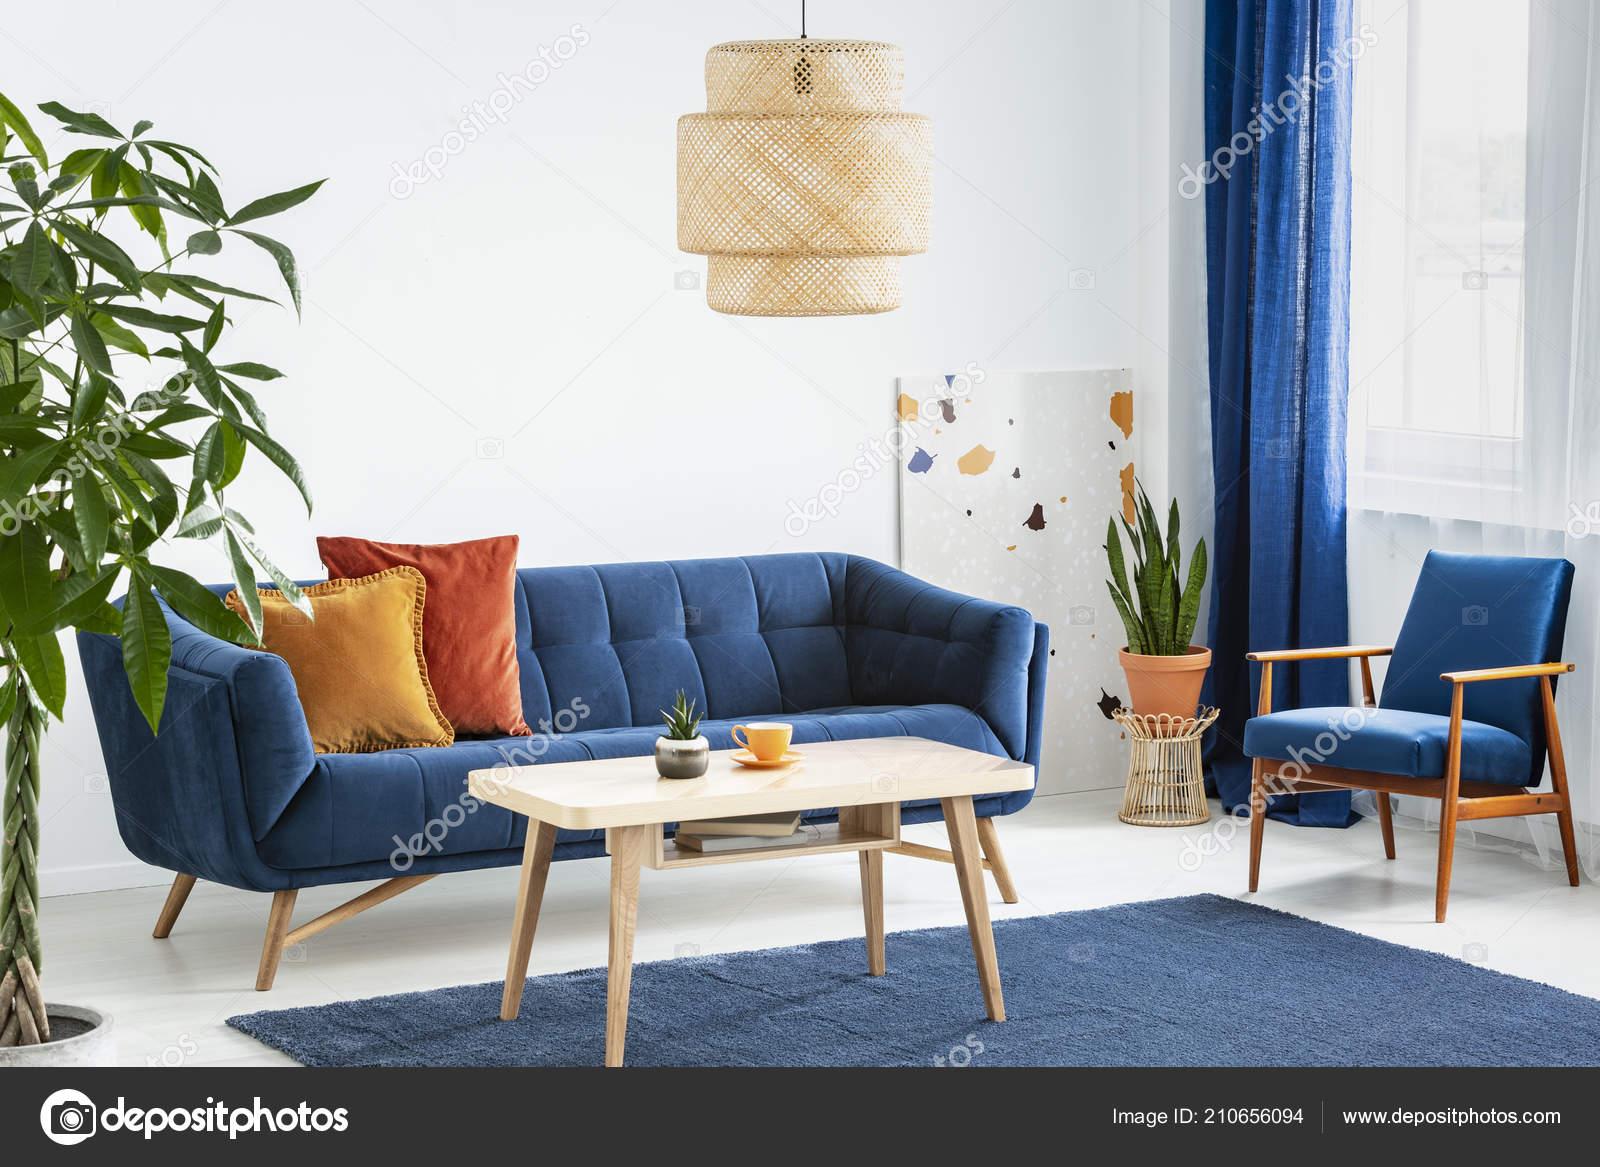 Sessel Und Sofa Blau Und Orange Wohnzimmer Interieur Mit Lampe